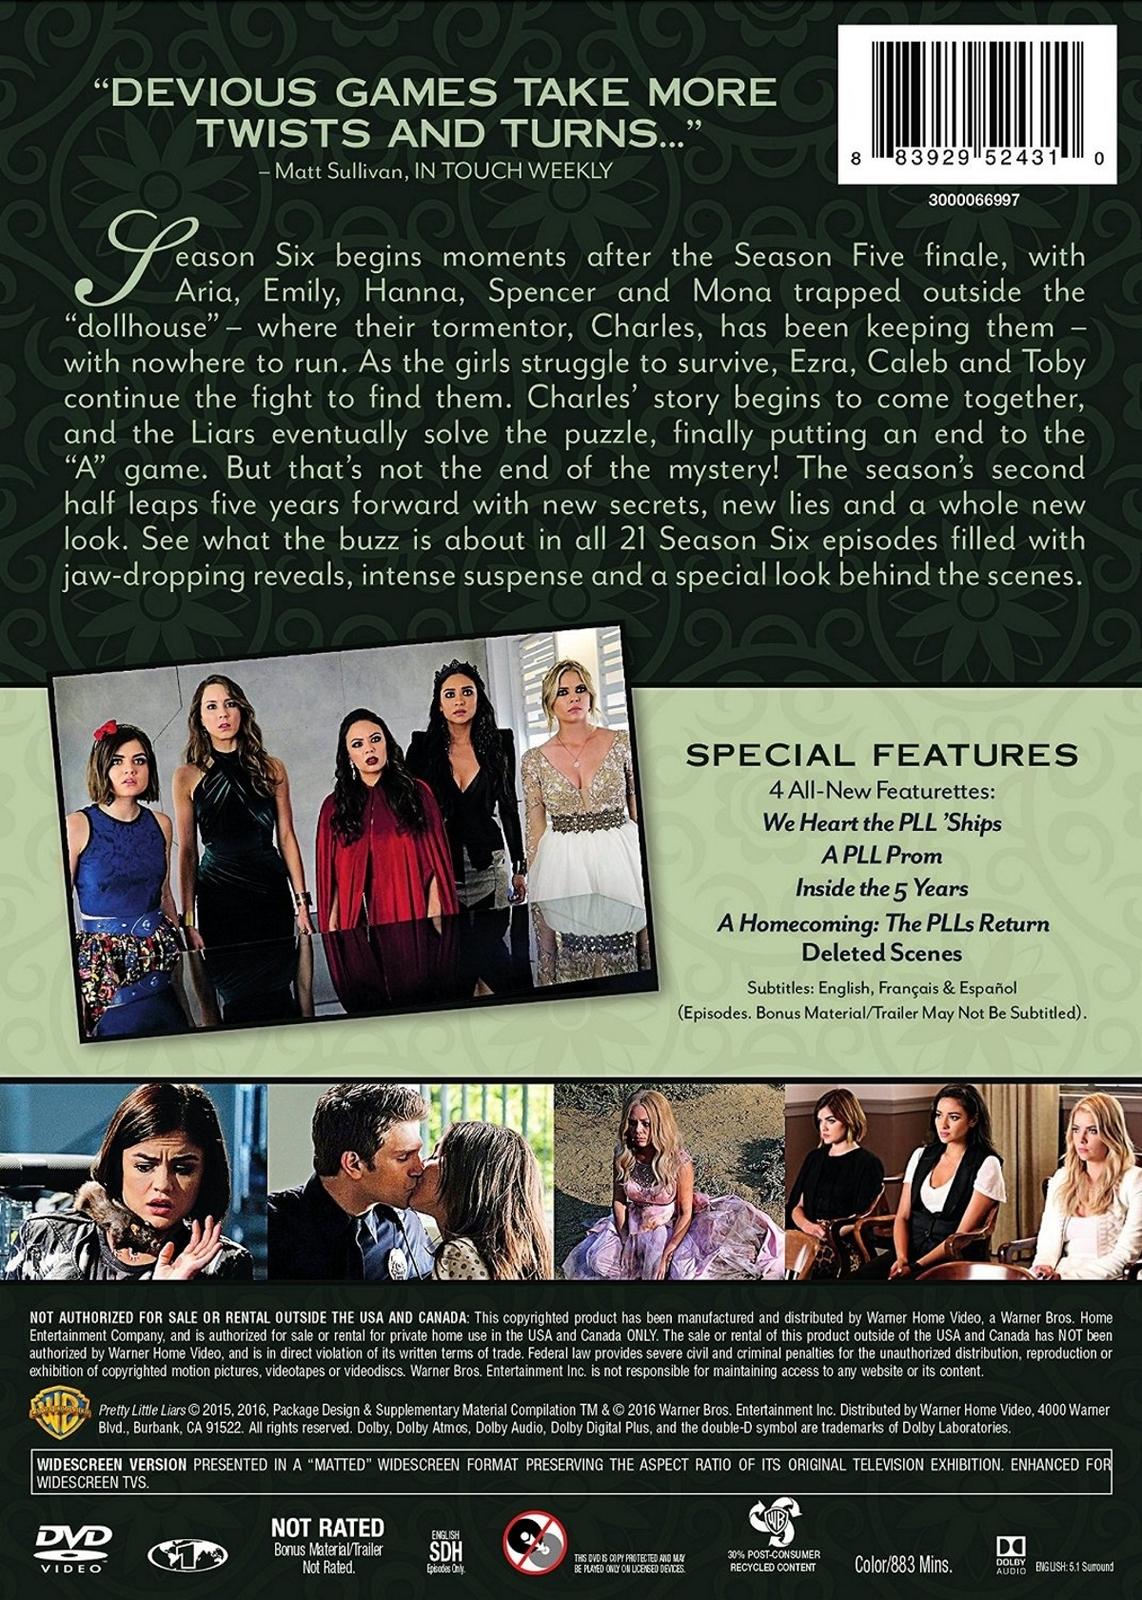 Pretty little liars season 5 dvd release date in Melbourne